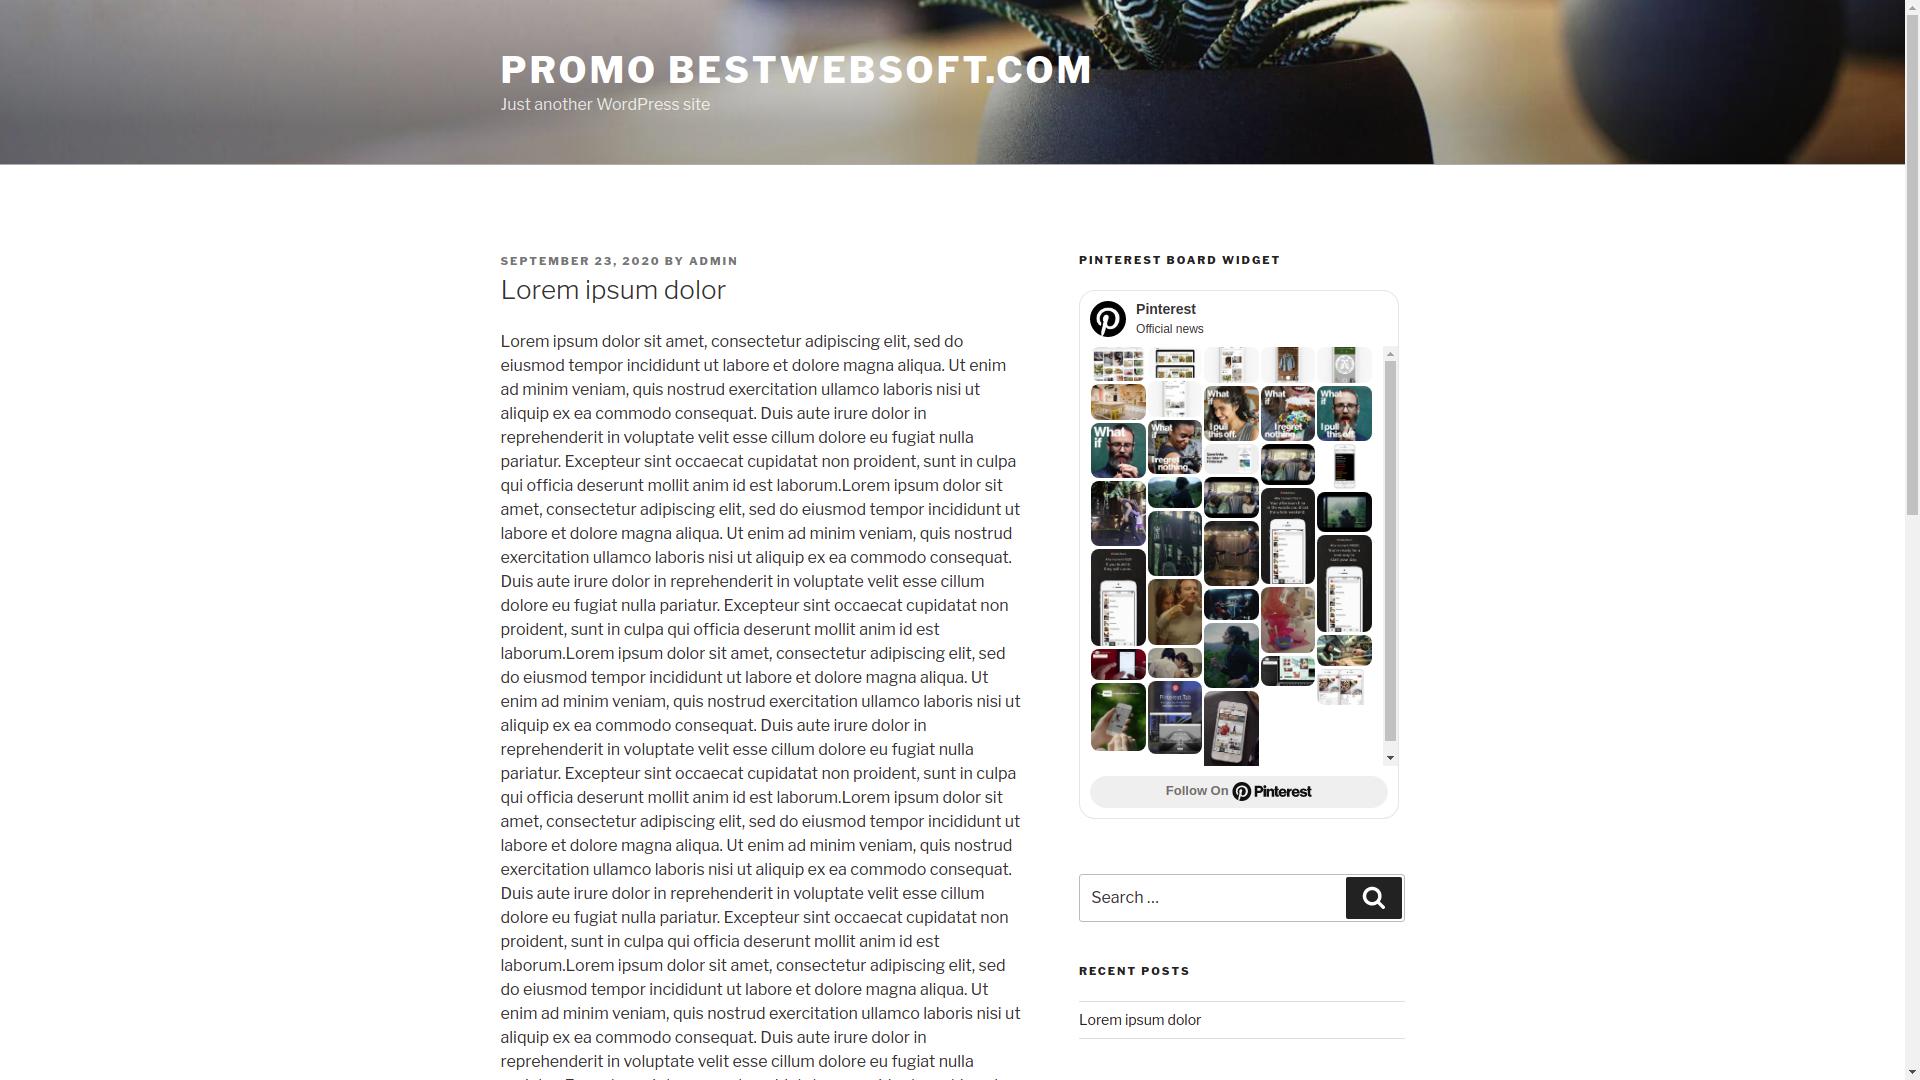 bestwebsoft's pinterest screenshot 6